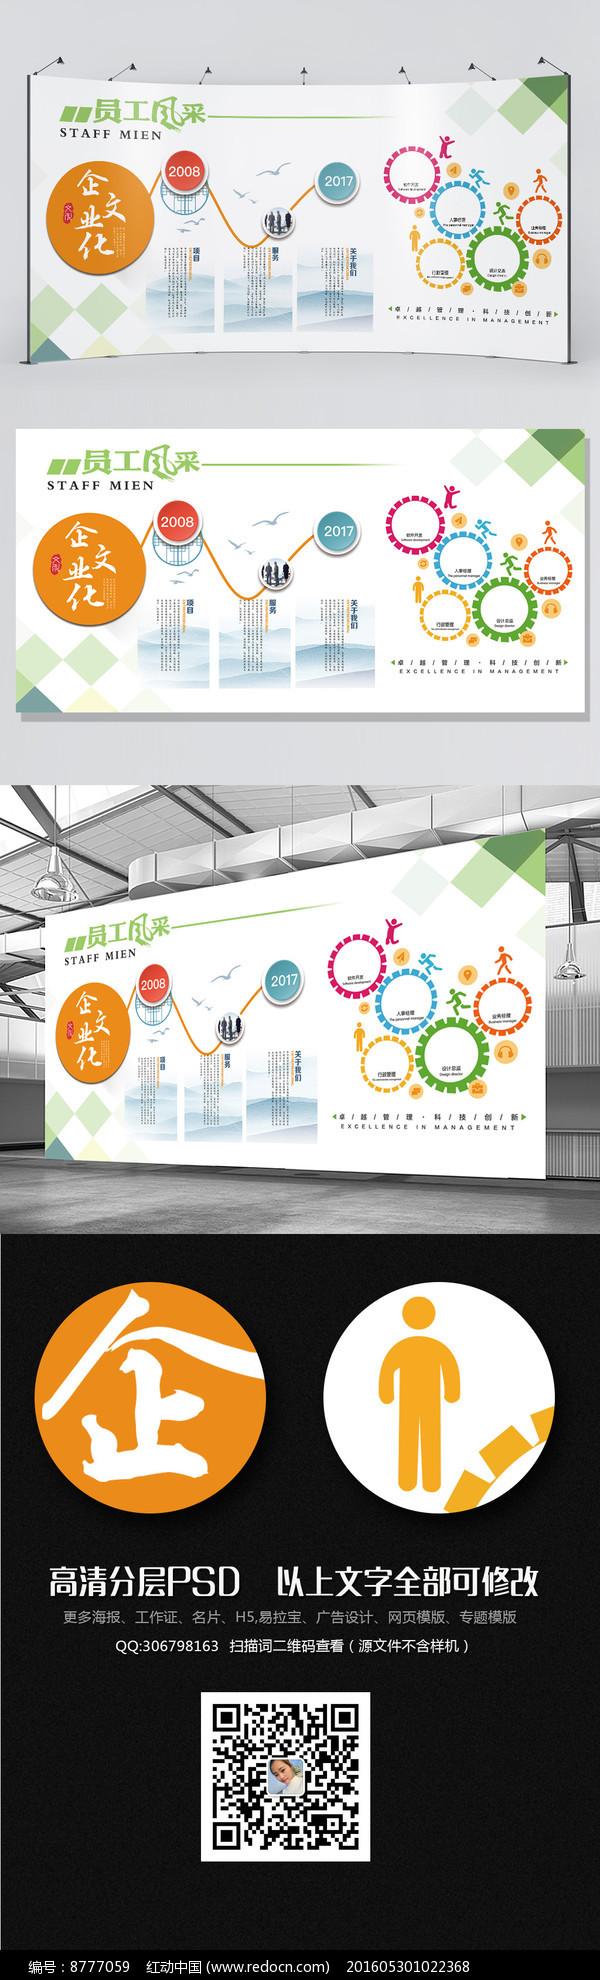 创意企业文化墙员工风采展板图片